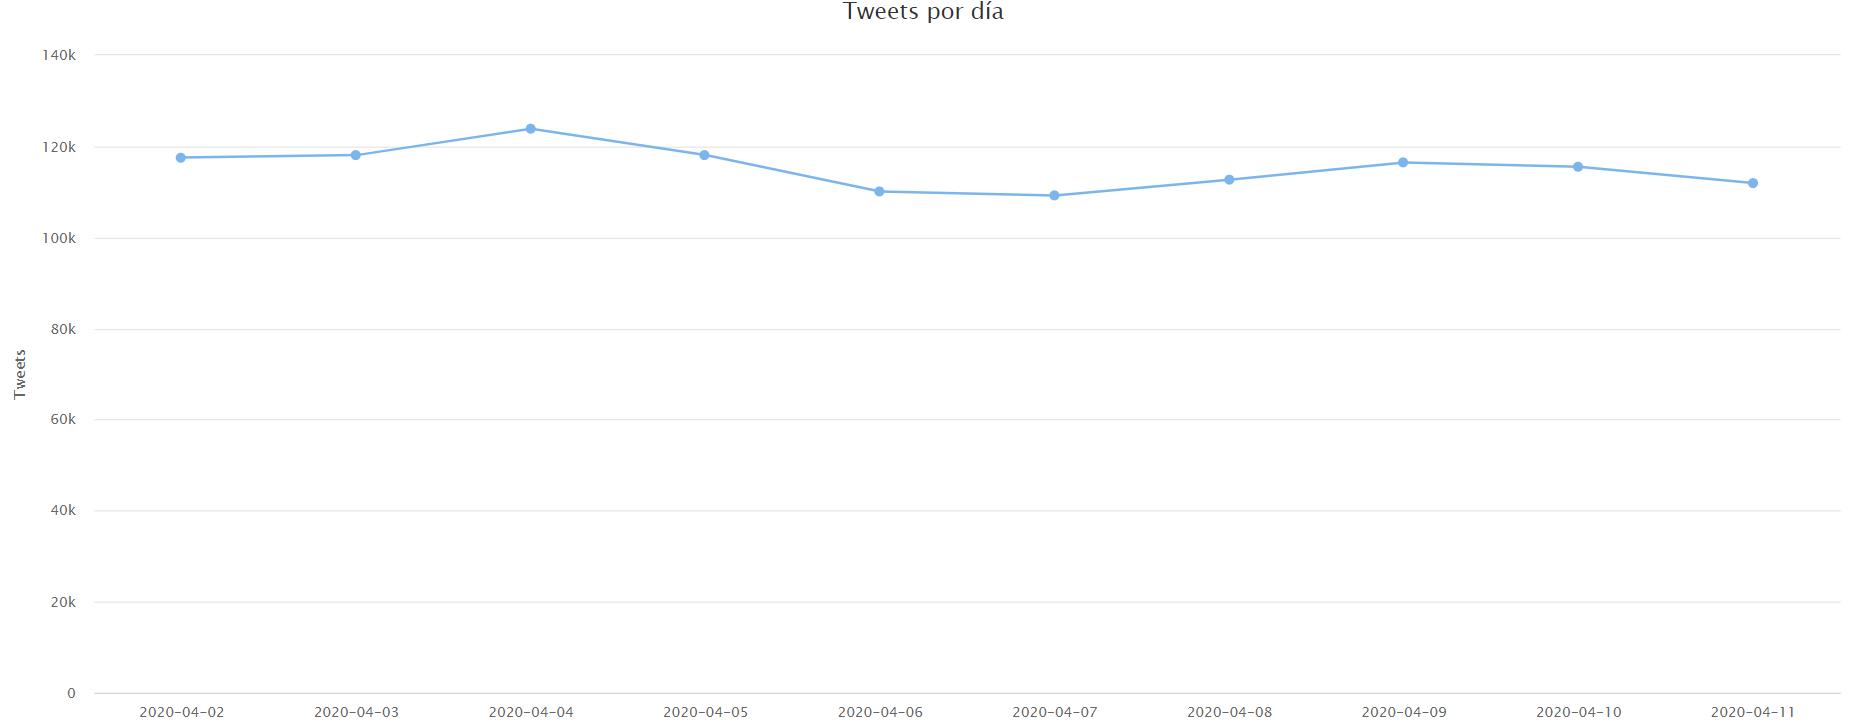 Distribución de tweets por día